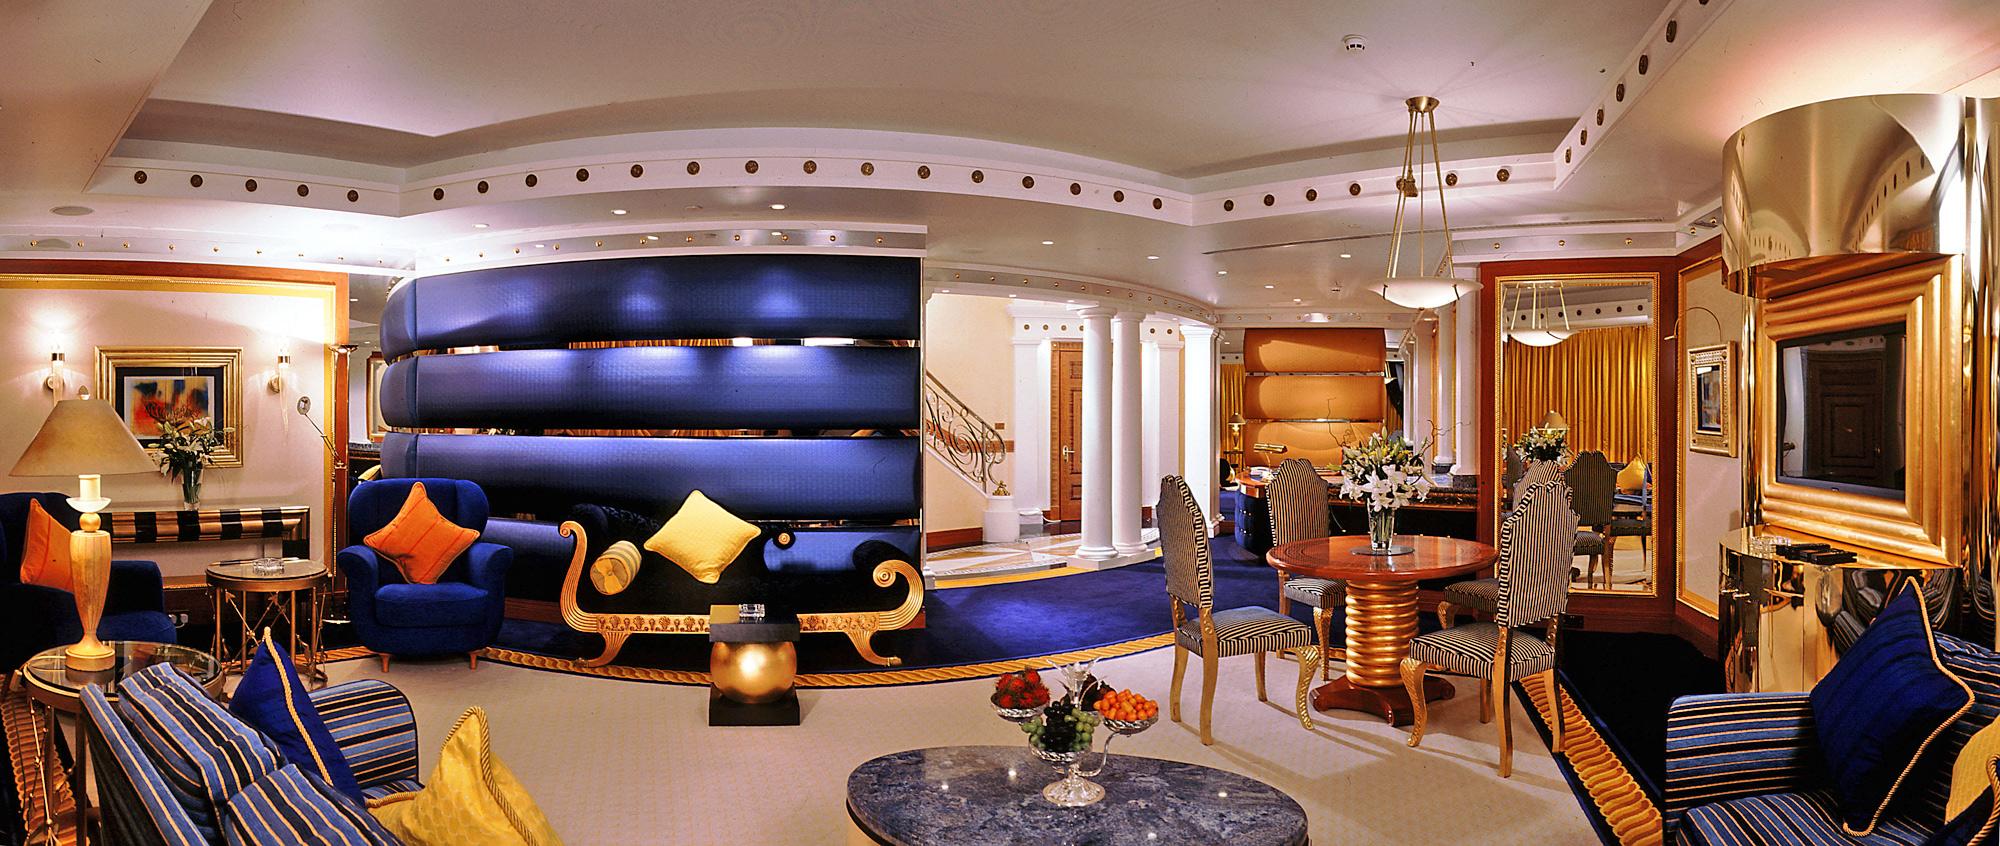 Отель парус дубай цены на номера купить недвижимость в тайланде цены в рублях